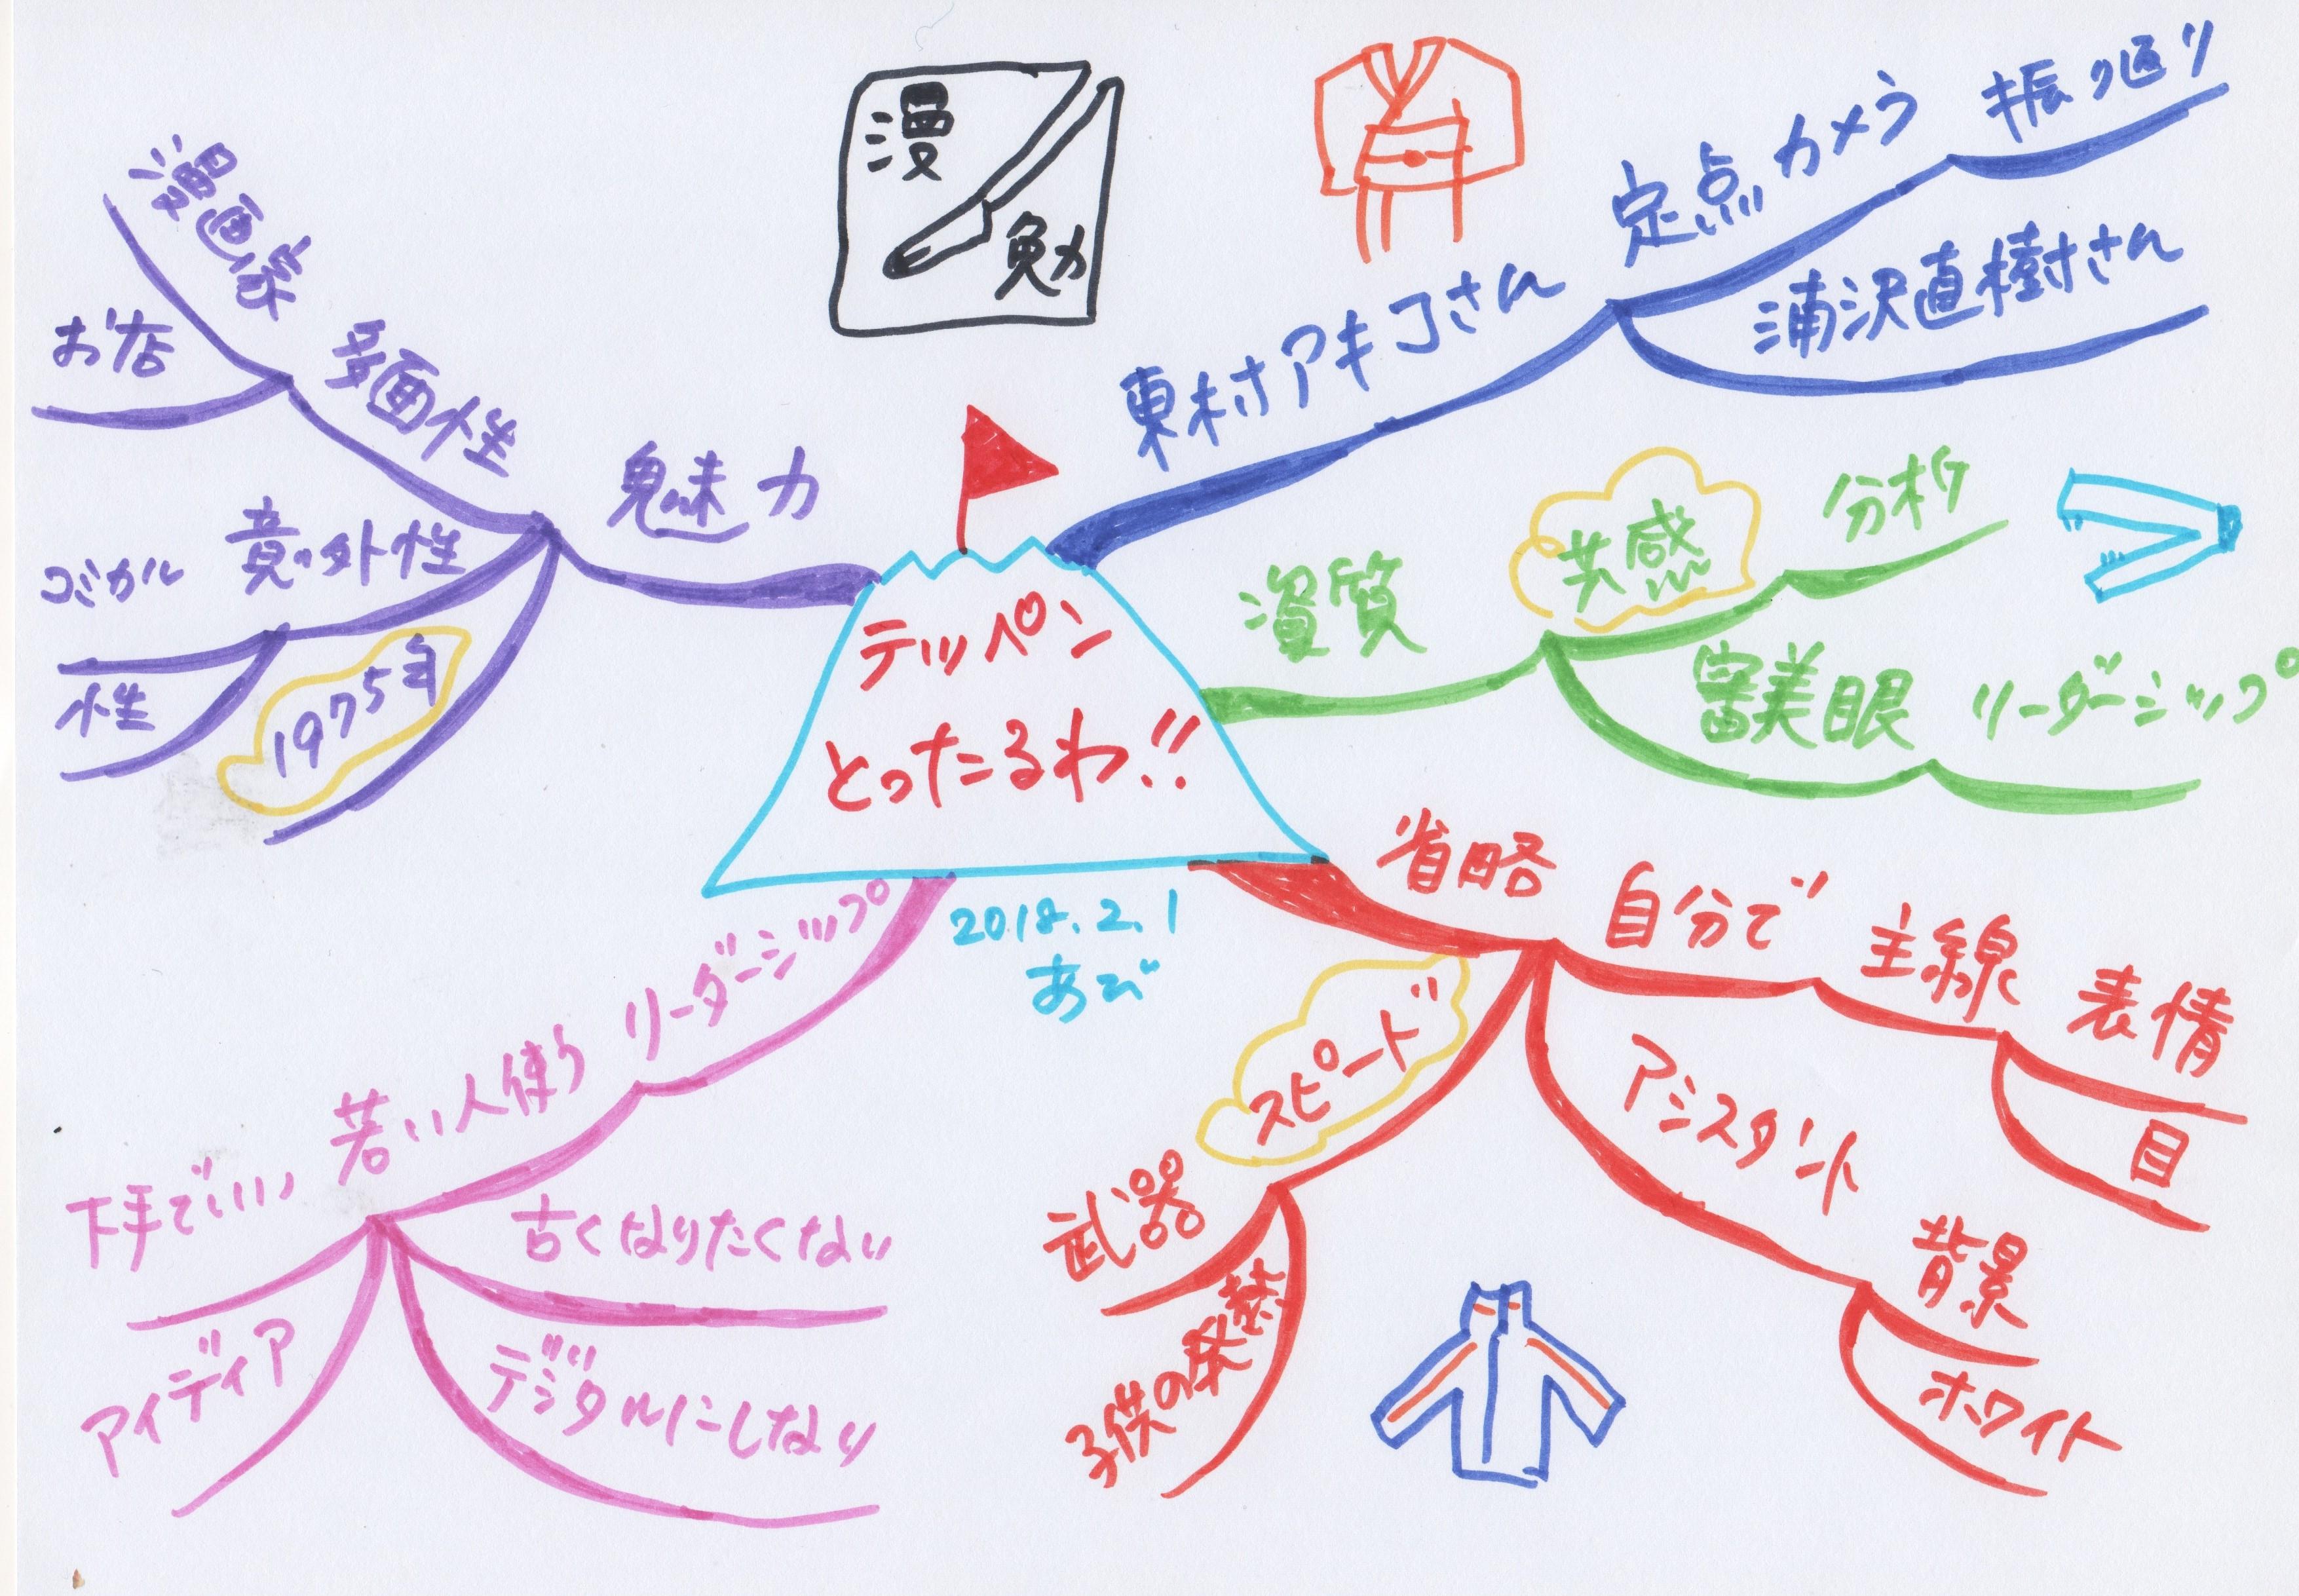 東村アキコ@漫勉に学ぶマインドマップ